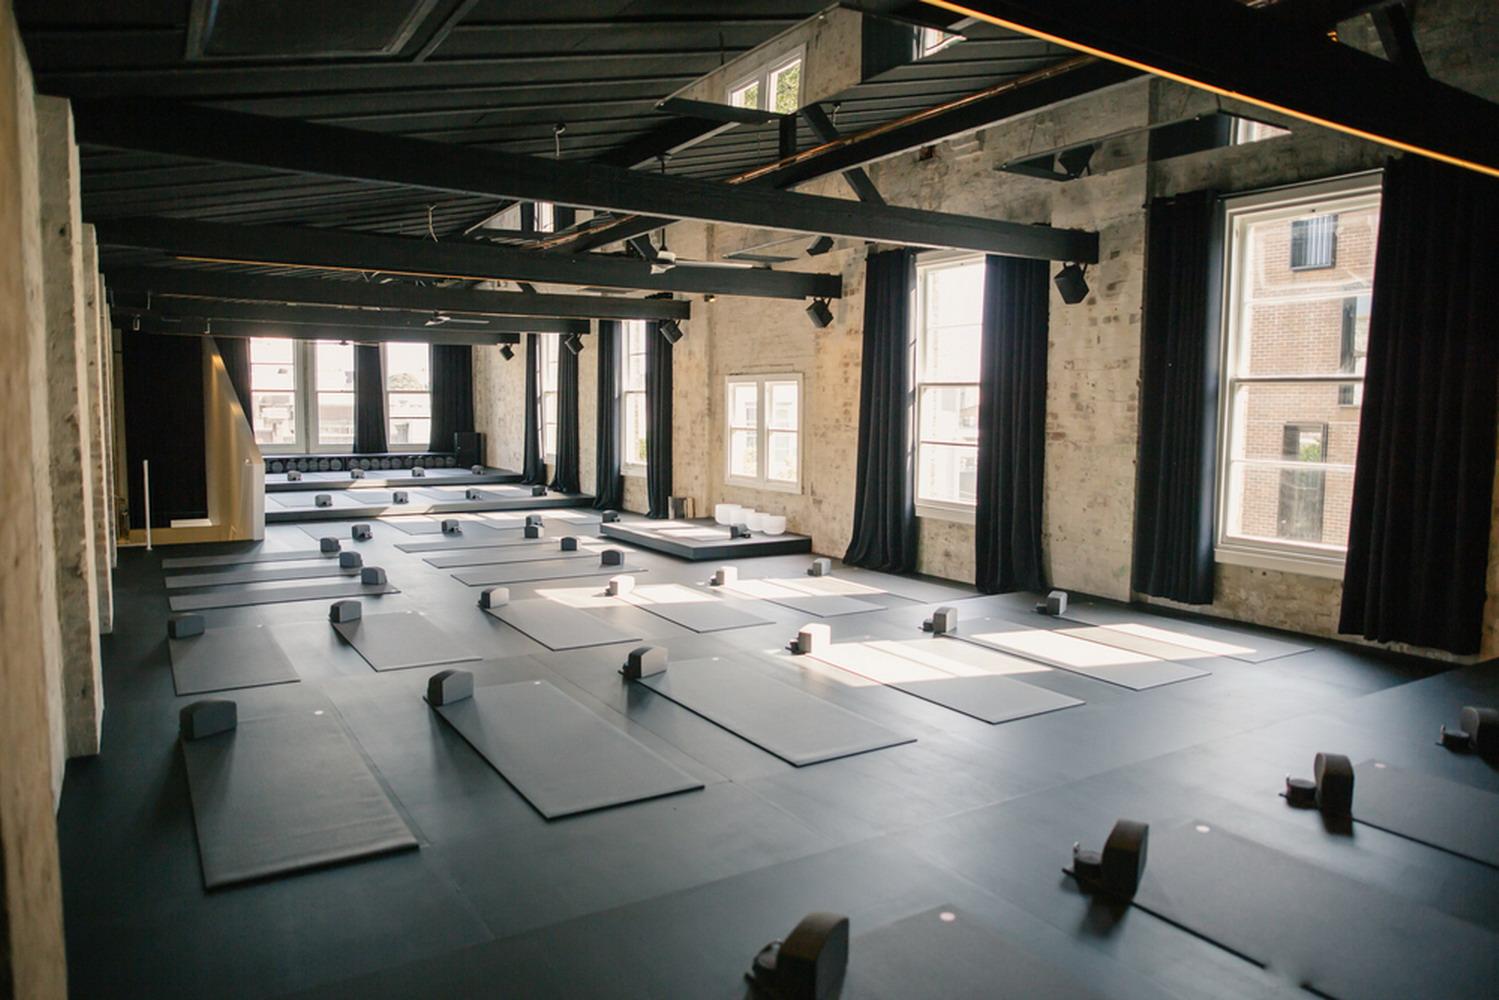 工業風高級灰瑜伽館室內裝修效果圖